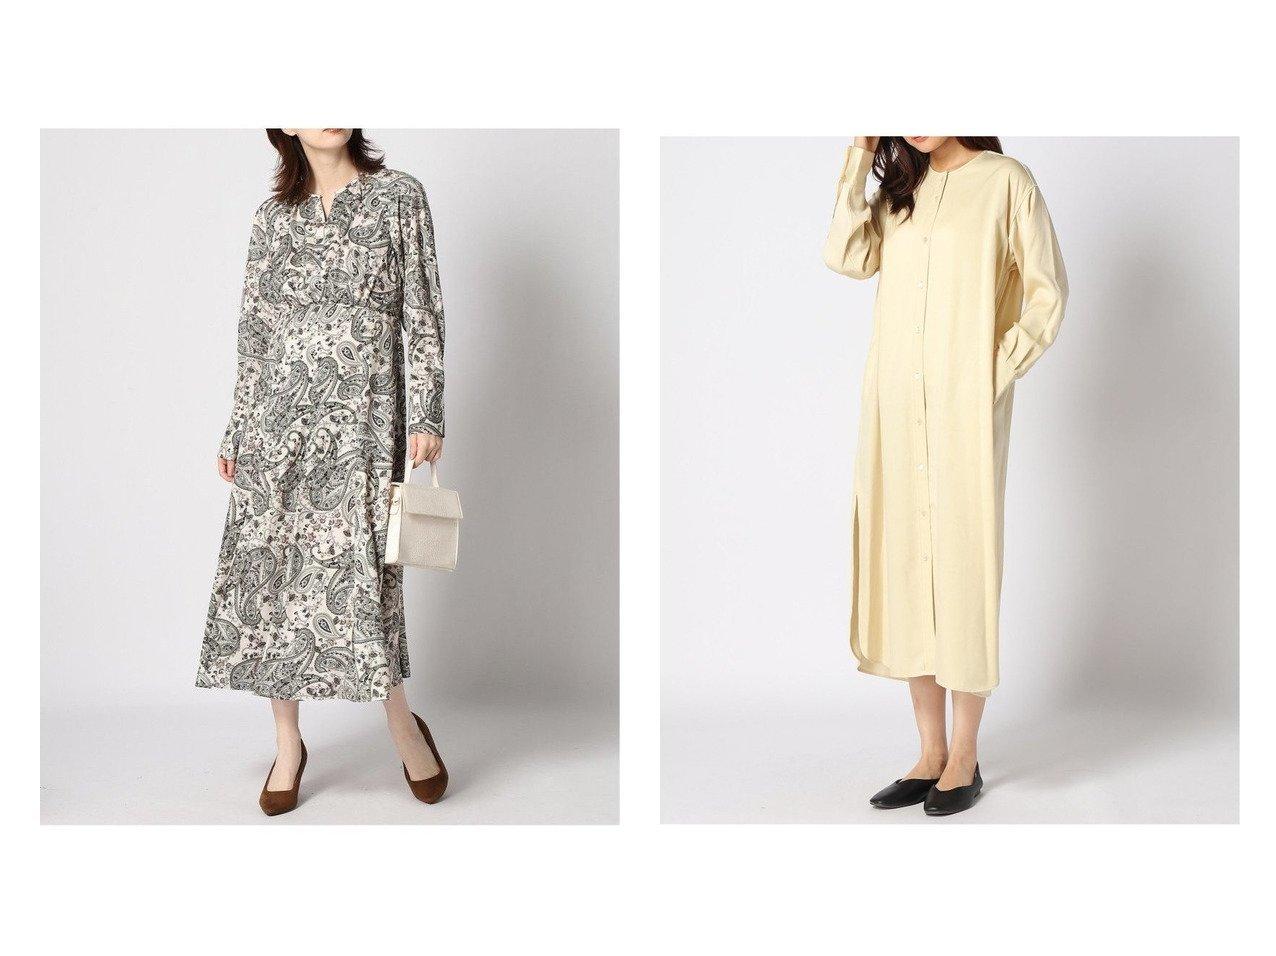 【IENA/イエナ】のキュプラサテンノーカラーシャツワンピース&【ANAYI/アナイ】のペイズリーPTハイウエストOP ワンピース・ドレスのおすすめ!人気、トレンド・レディースファッションの通販  おすすめで人気の流行・トレンド、ファッションの通販商品 メンズファッション・キッズファッション・インテリア・家具・レディースファッション・服の通販 founy(ファニー) https://founy.com/ ファッション Fashion レディースファッション WOMEN ワンピース Dress シャツワンピース Shirt Dresses エレガント カフス ギャザー スキッパー デコルテ フレア ペイズリー ロング 長袖 2020年 2020 2020-2021 秋冬 A/W AW Autumn/Winter / FW Fall-Winter 2020-2021 A/W 秋冬 AW Autumn/Winter / FW Fall-Winter キュプラ スウェット タートル |ID:crp329100000010208